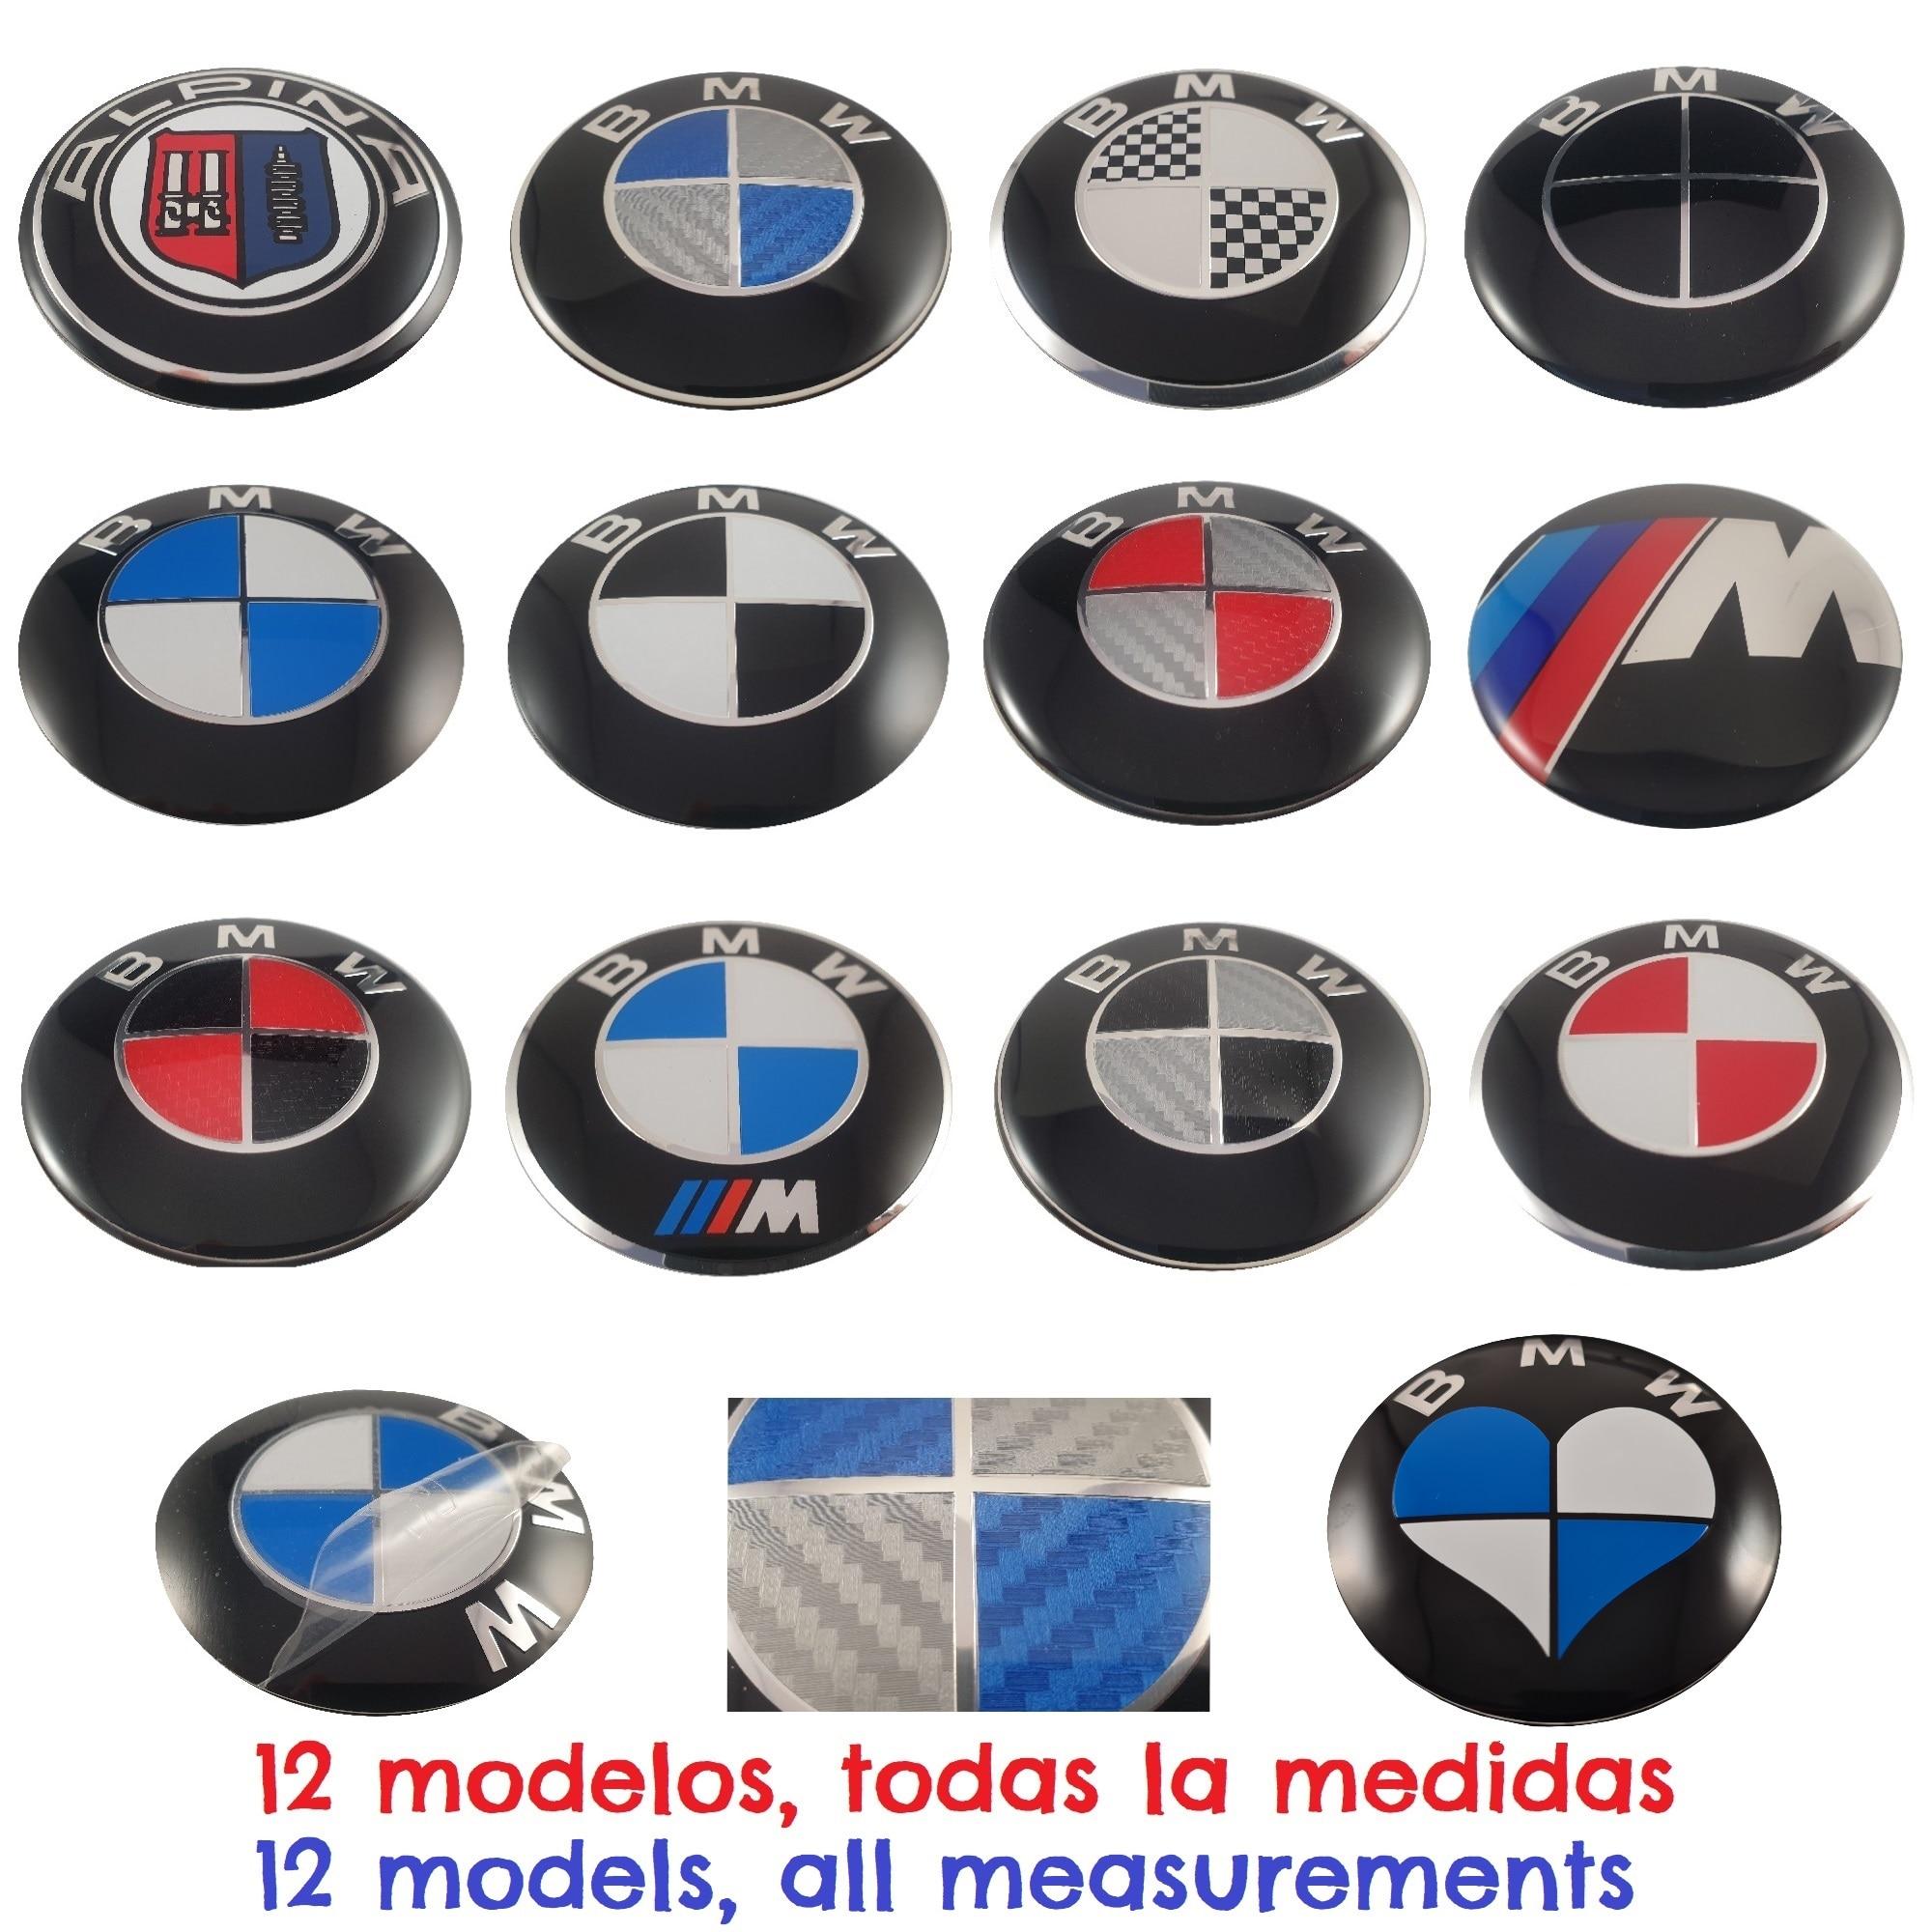 شعار BMW متوافق 82 مللي متر 78 مللي متر 74 مللي متر 68 مللي متر 45 مللي متر 11 مللي متر ل شعار سيارة شعار السيارات (لا الأصلي BMW) aut016